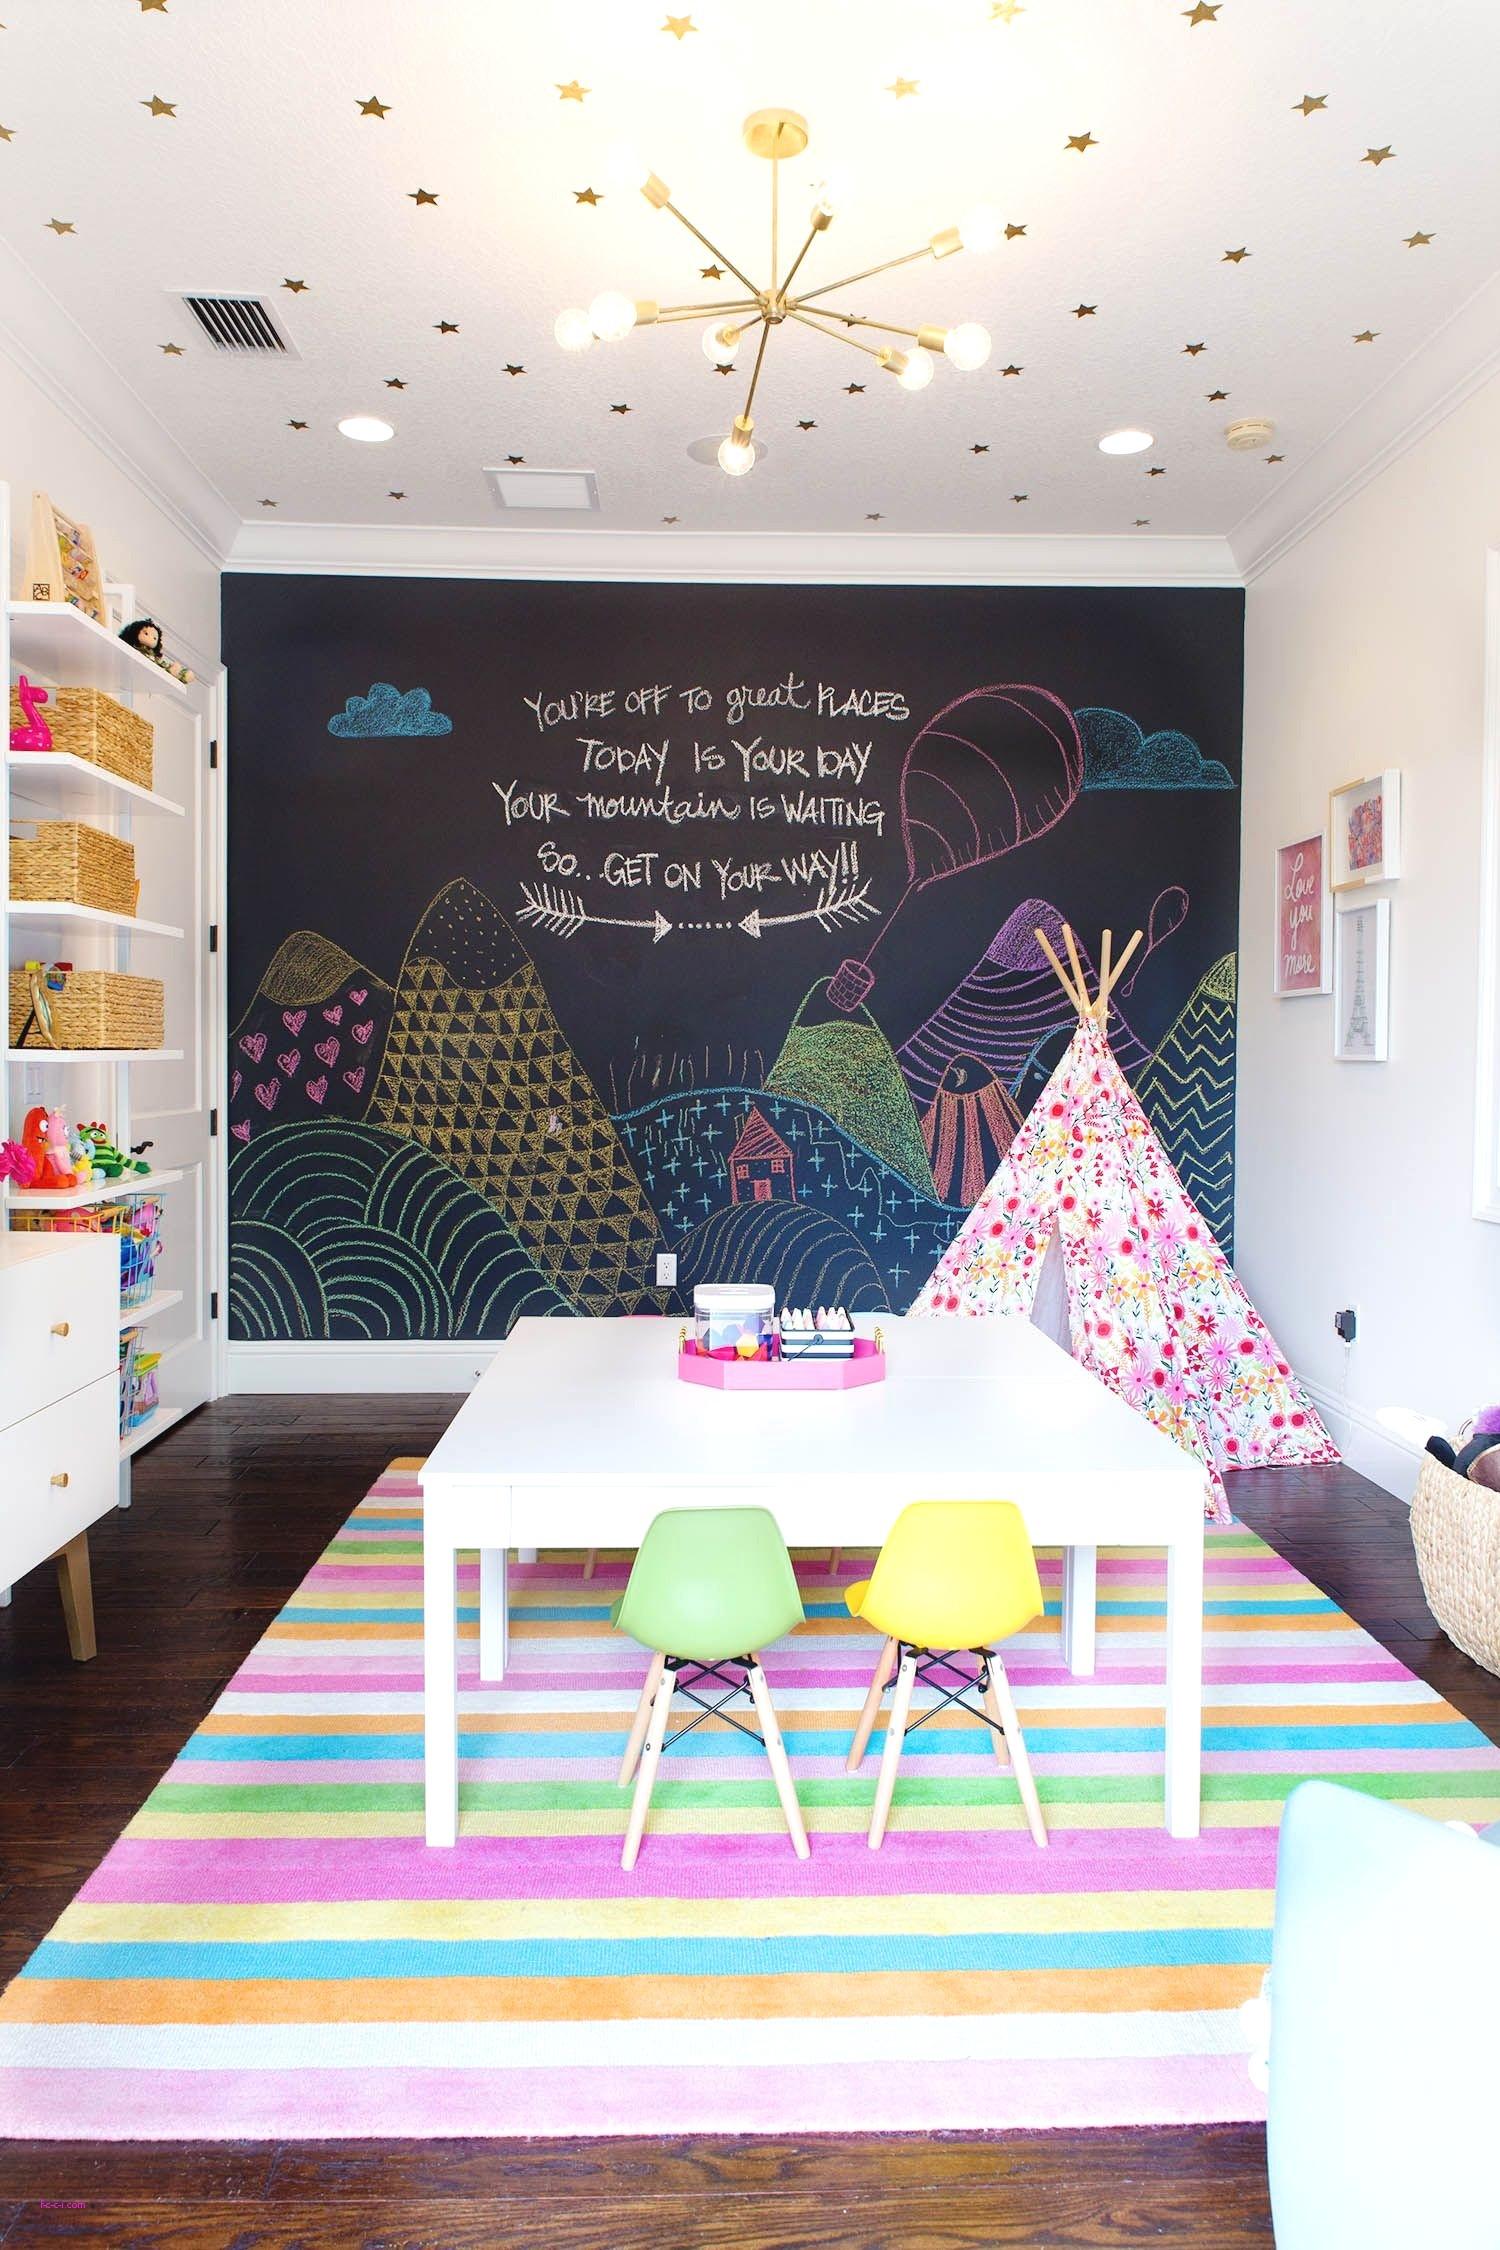 Elefant Zum Ausdrucken Neu Kinderzimmer Bilder Elefant Und 22 Lovely Babyzimmer Lampe Junge Sammlung